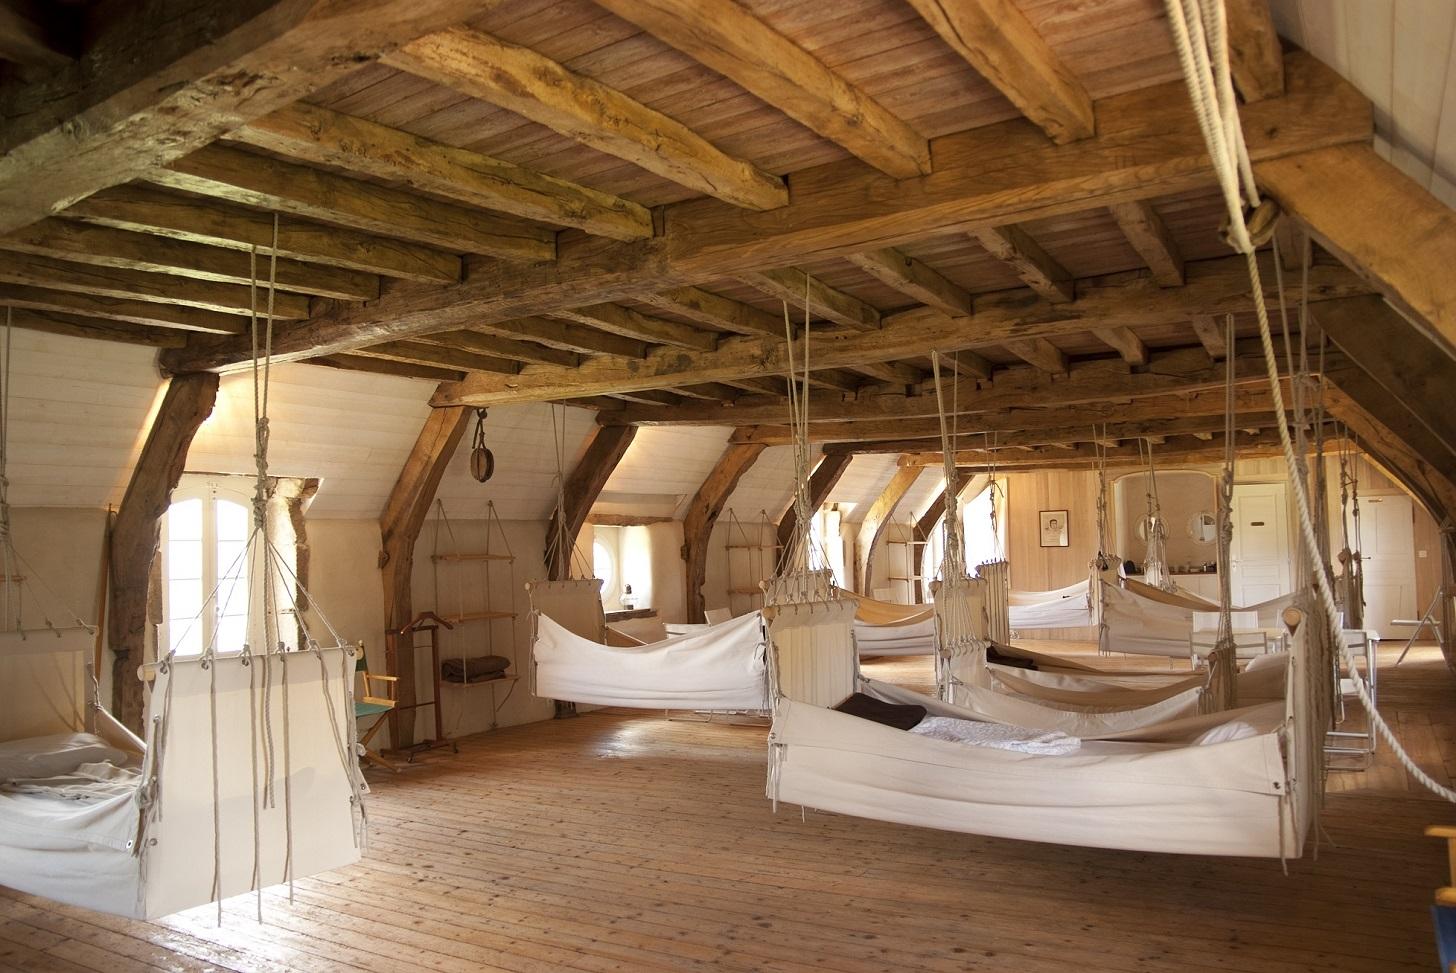 Une nuit chez le corsaire Surcouf en Bretagne